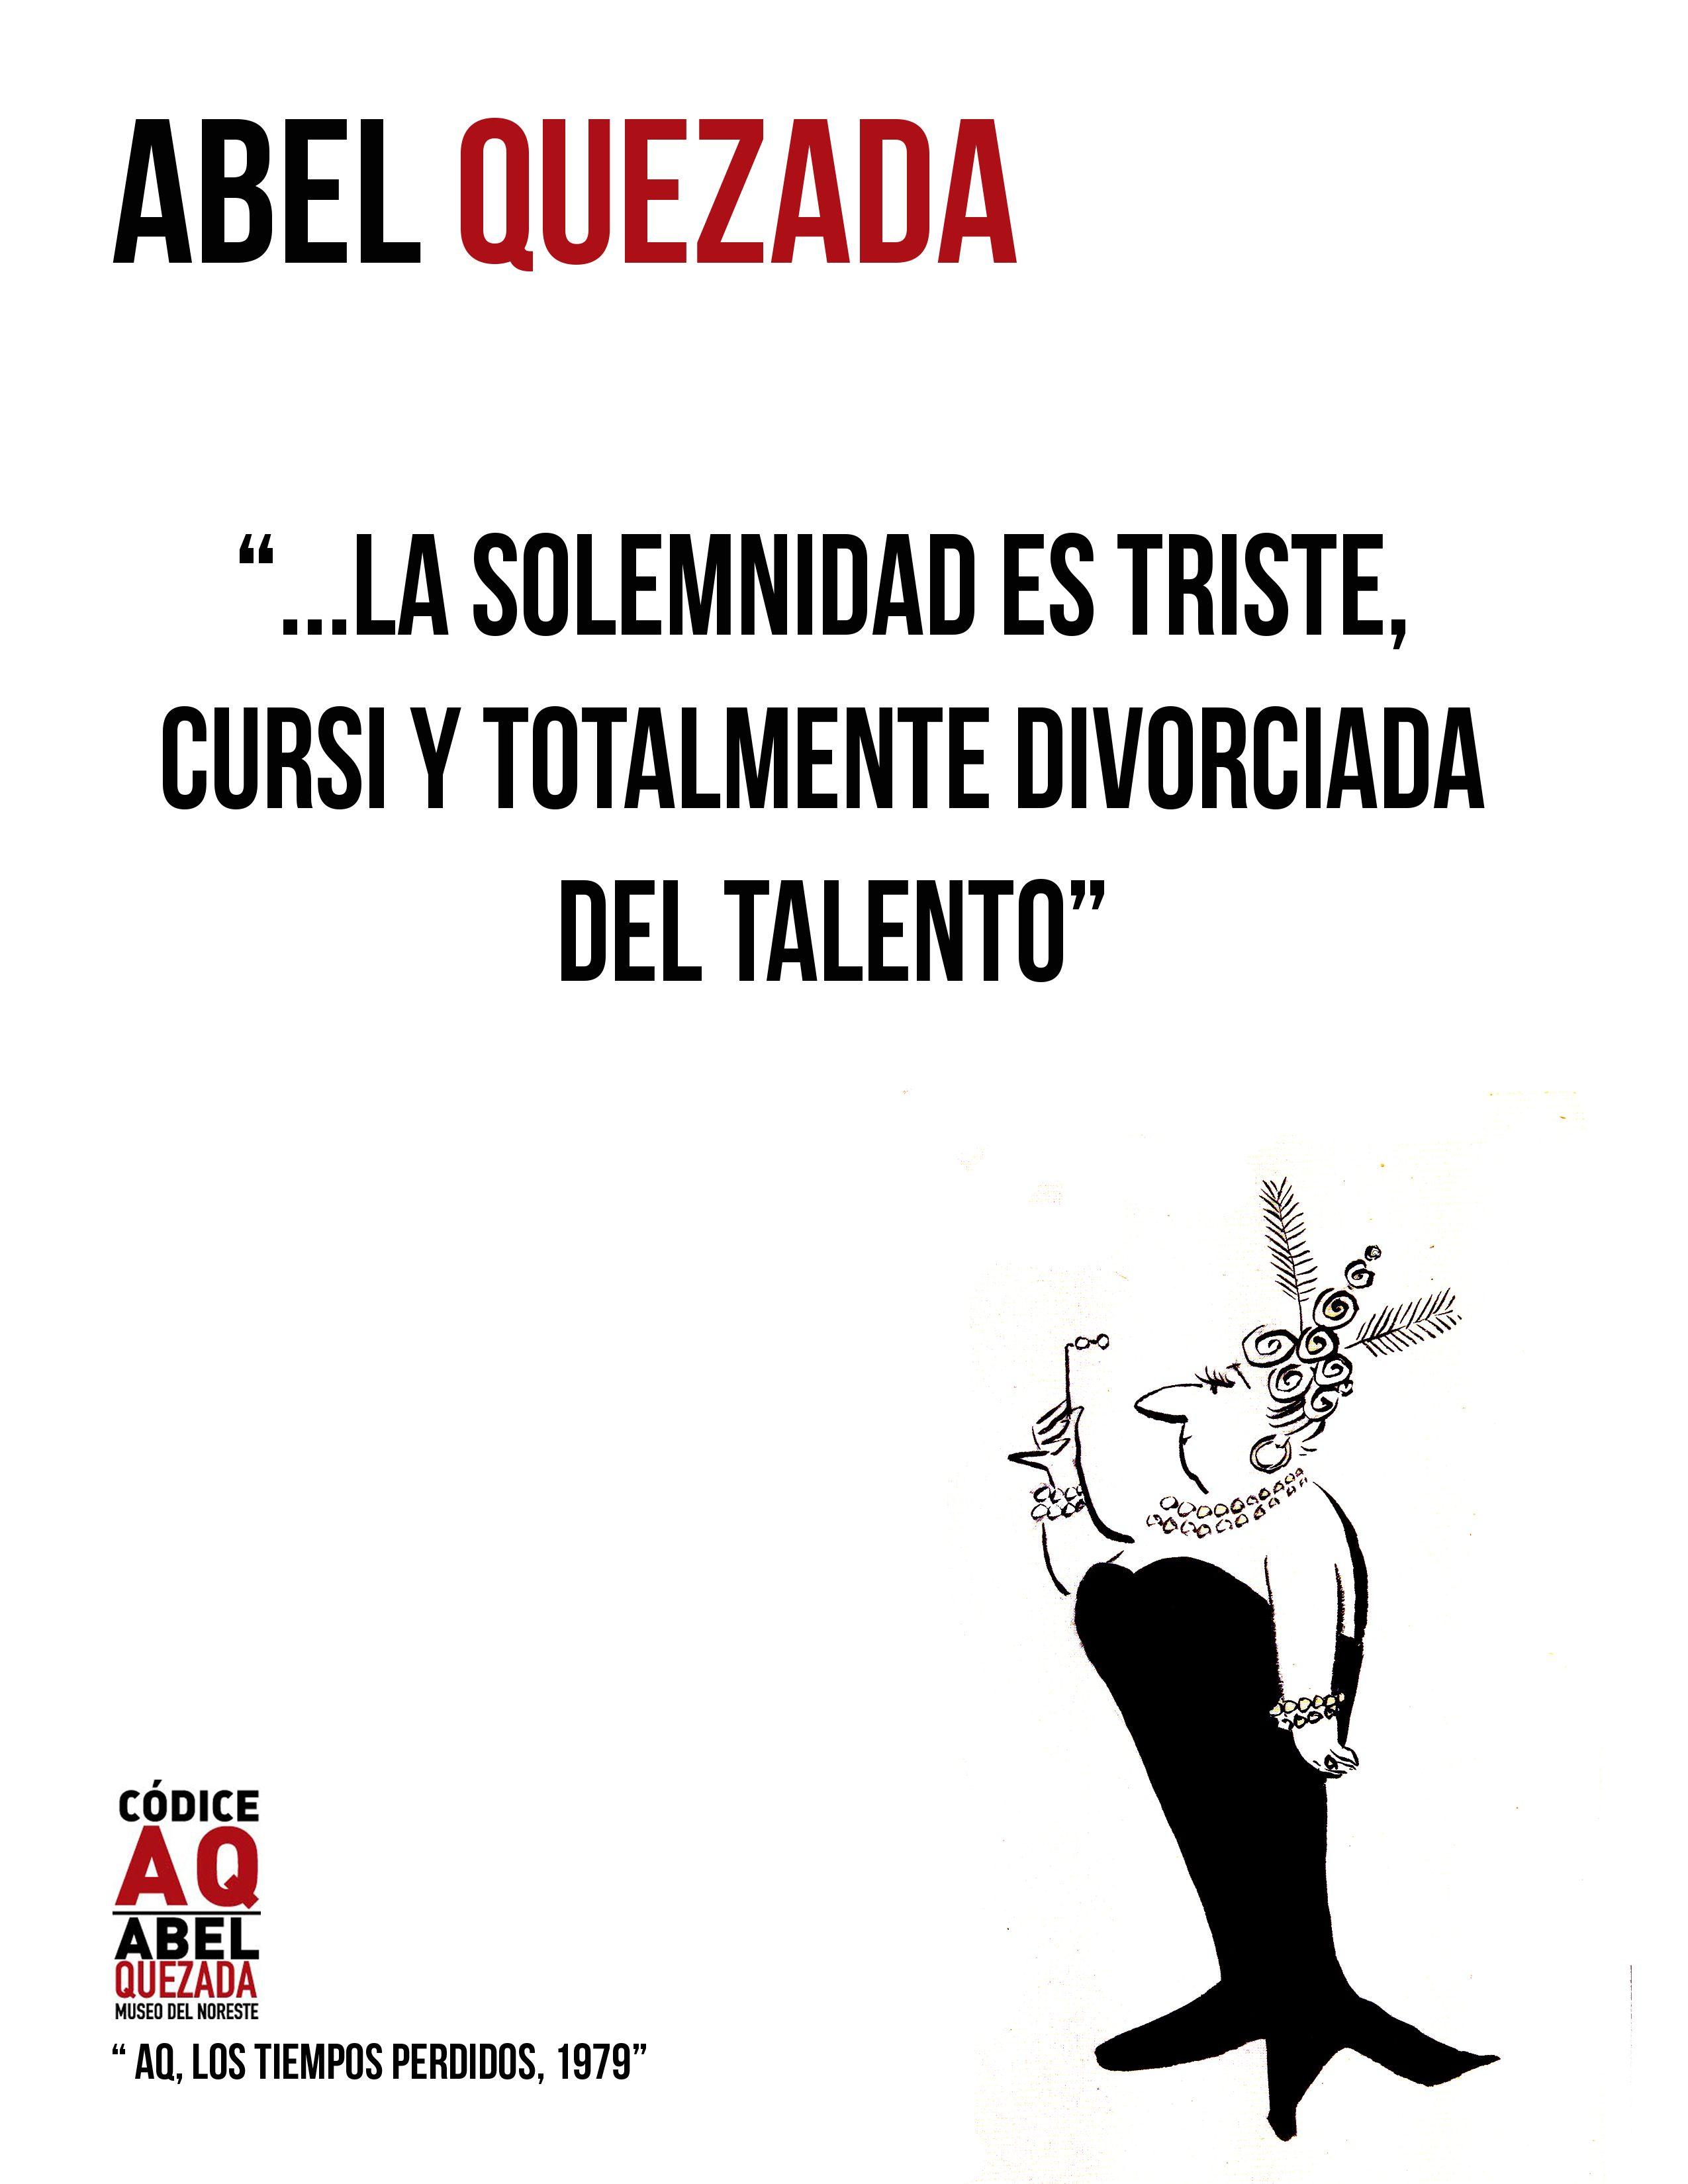 Pin En Exposición Códice Aq Abel Quezada